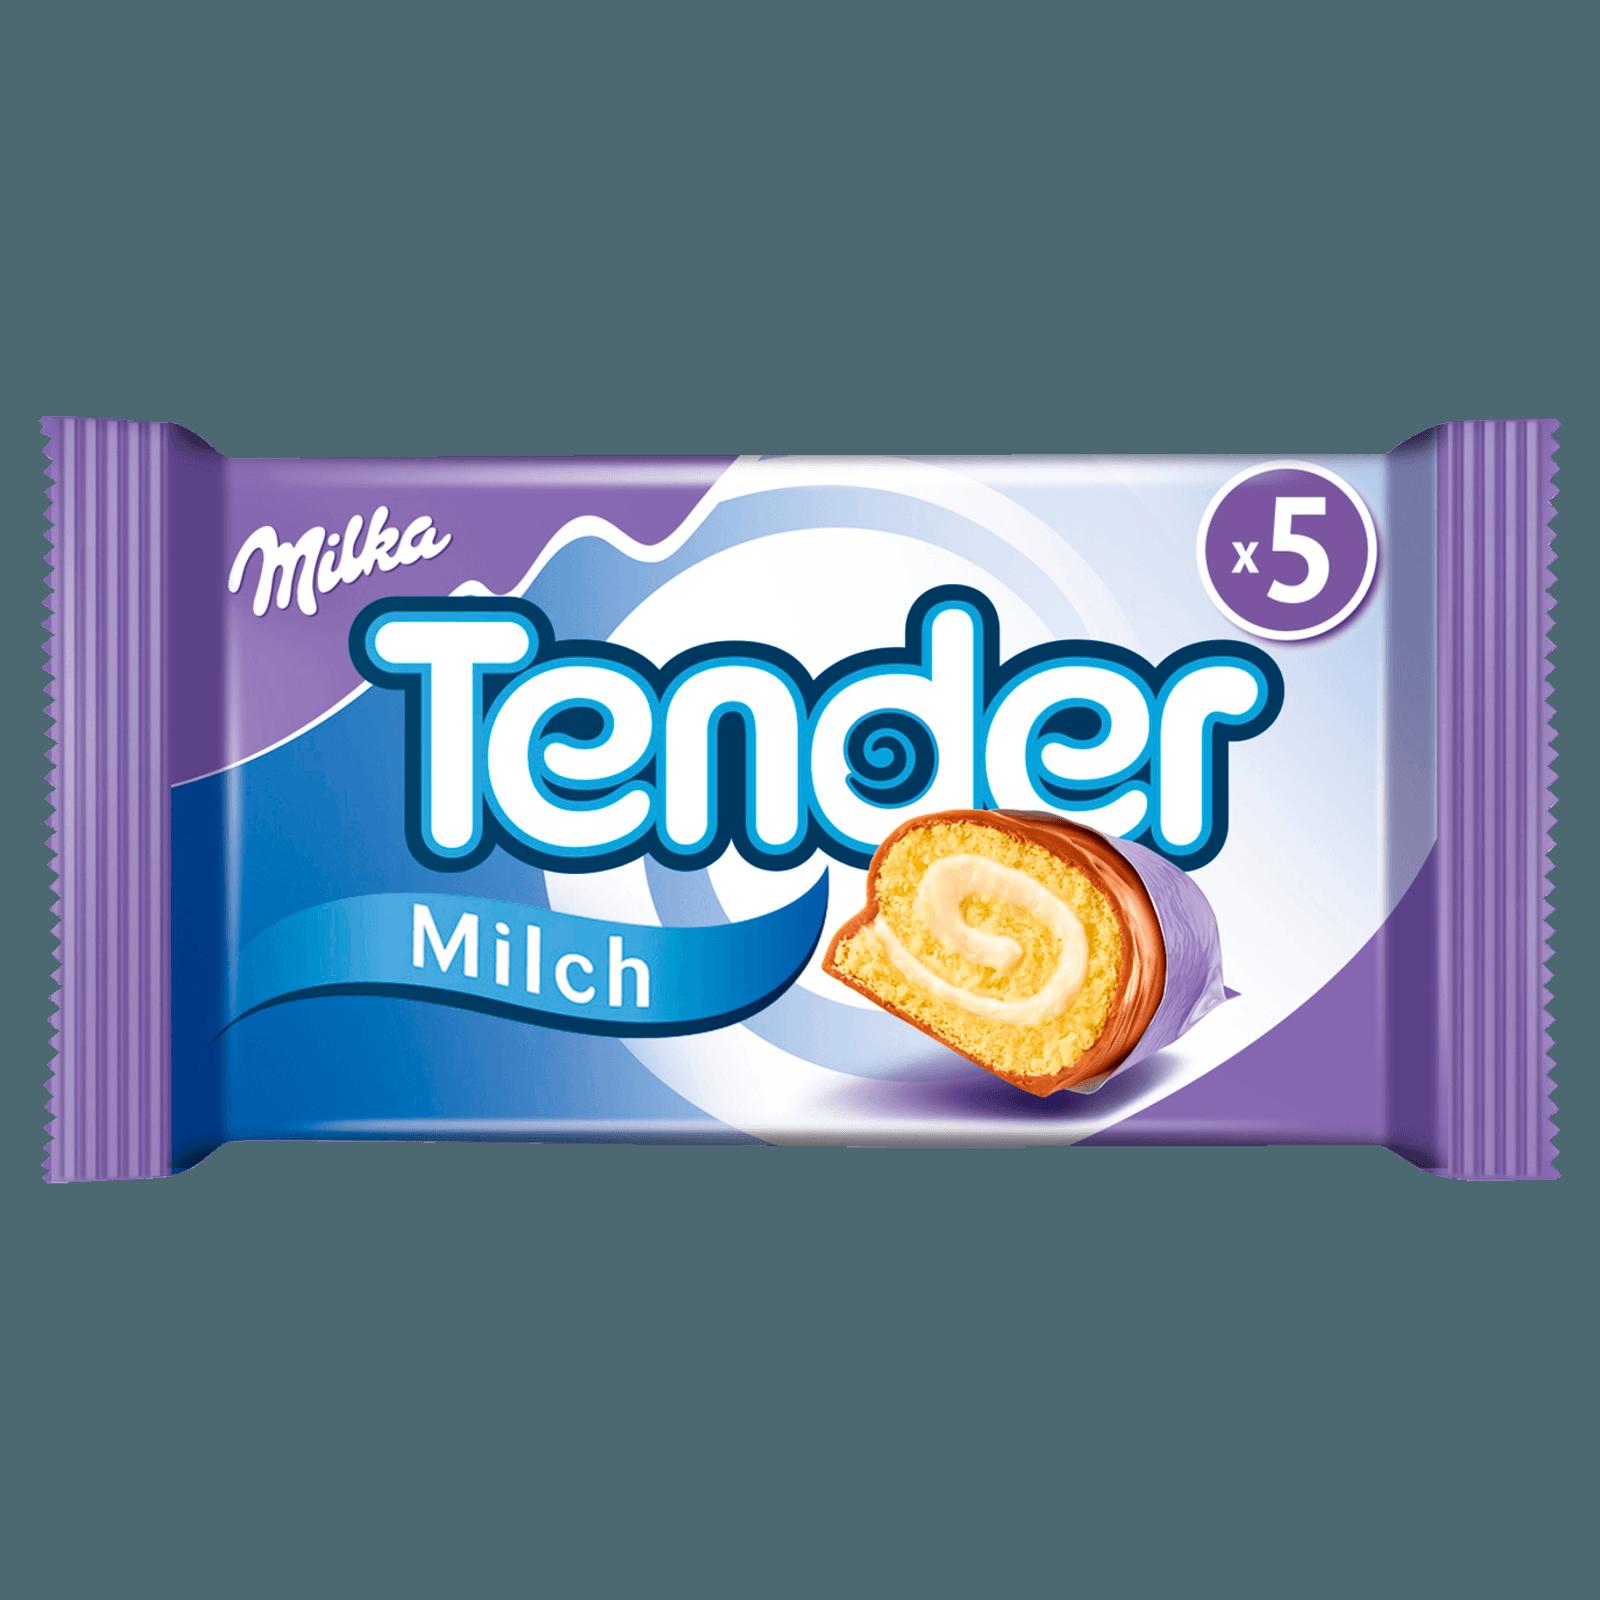 Milka Tender Milch 5x37g Bei Rewe Online Bestellen